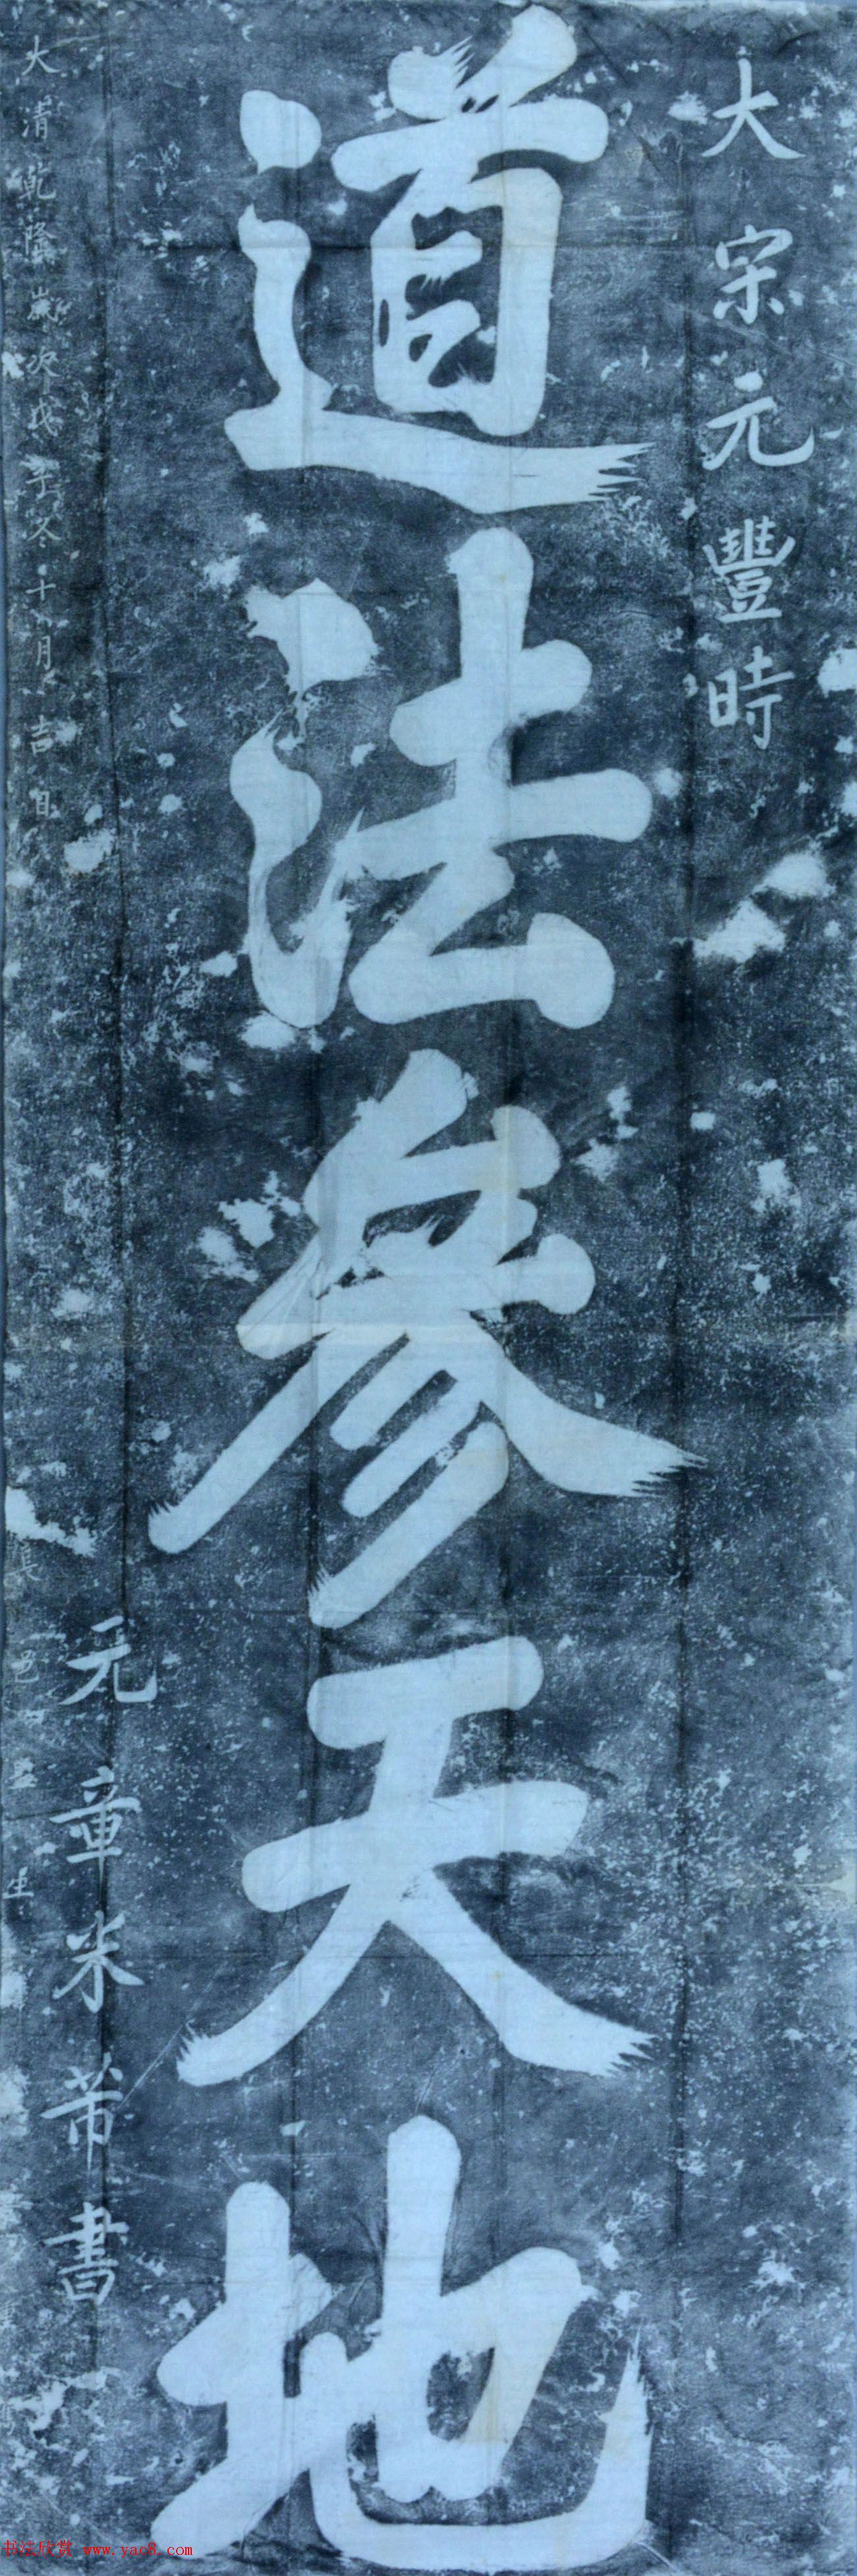 米芾榜书《道法参天地》碑